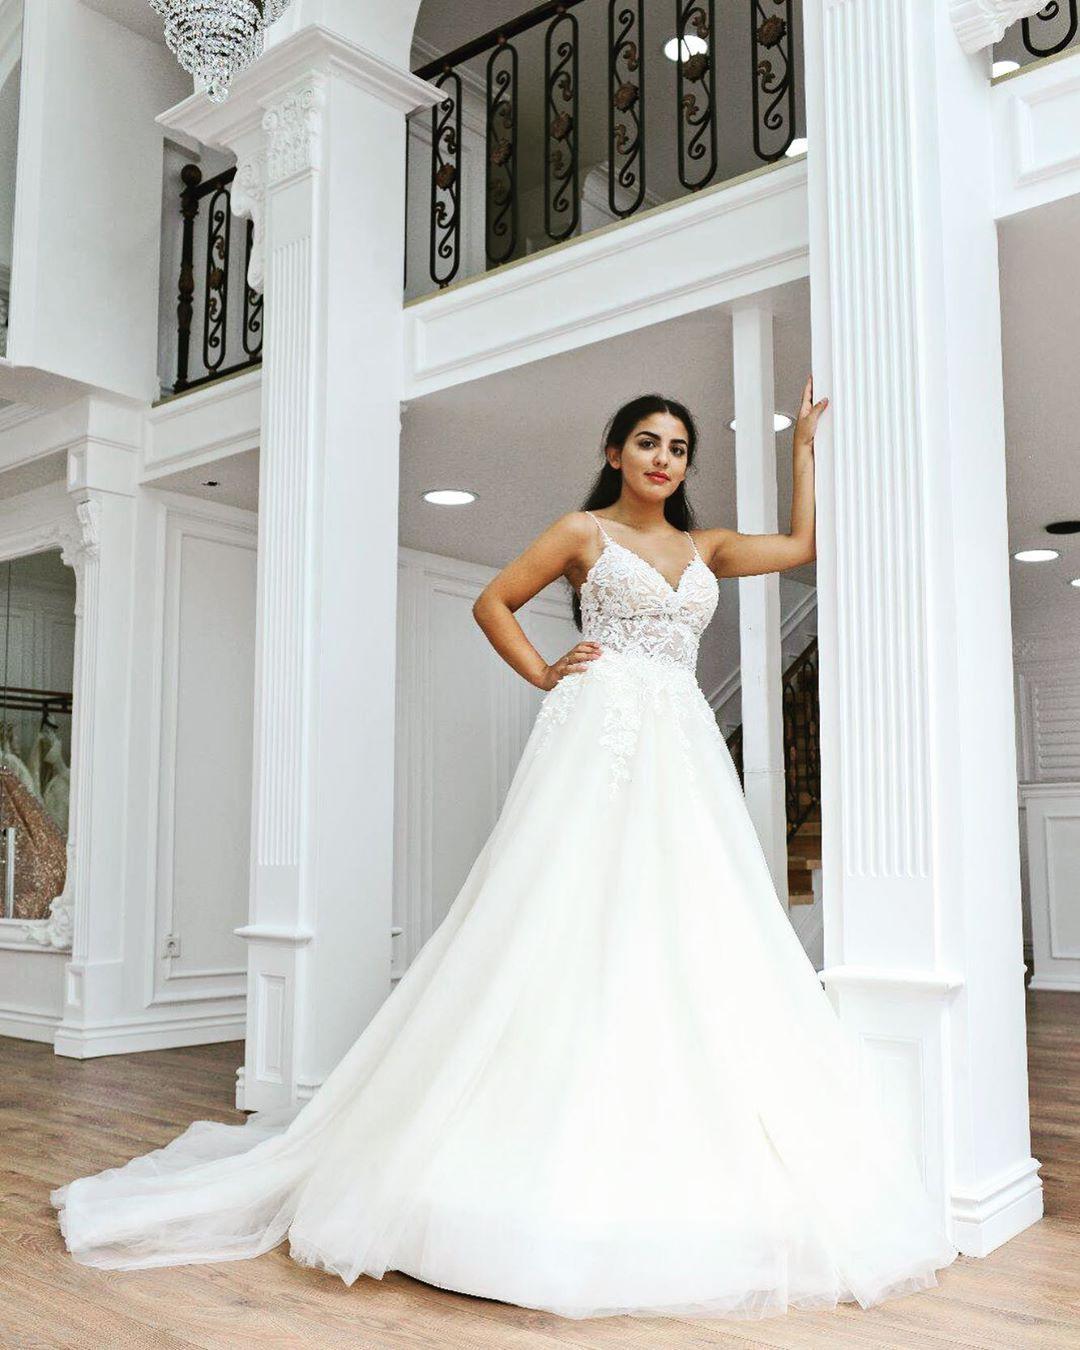 Brautmode #weddingdress #hochzeit #duisburg #brautkleid